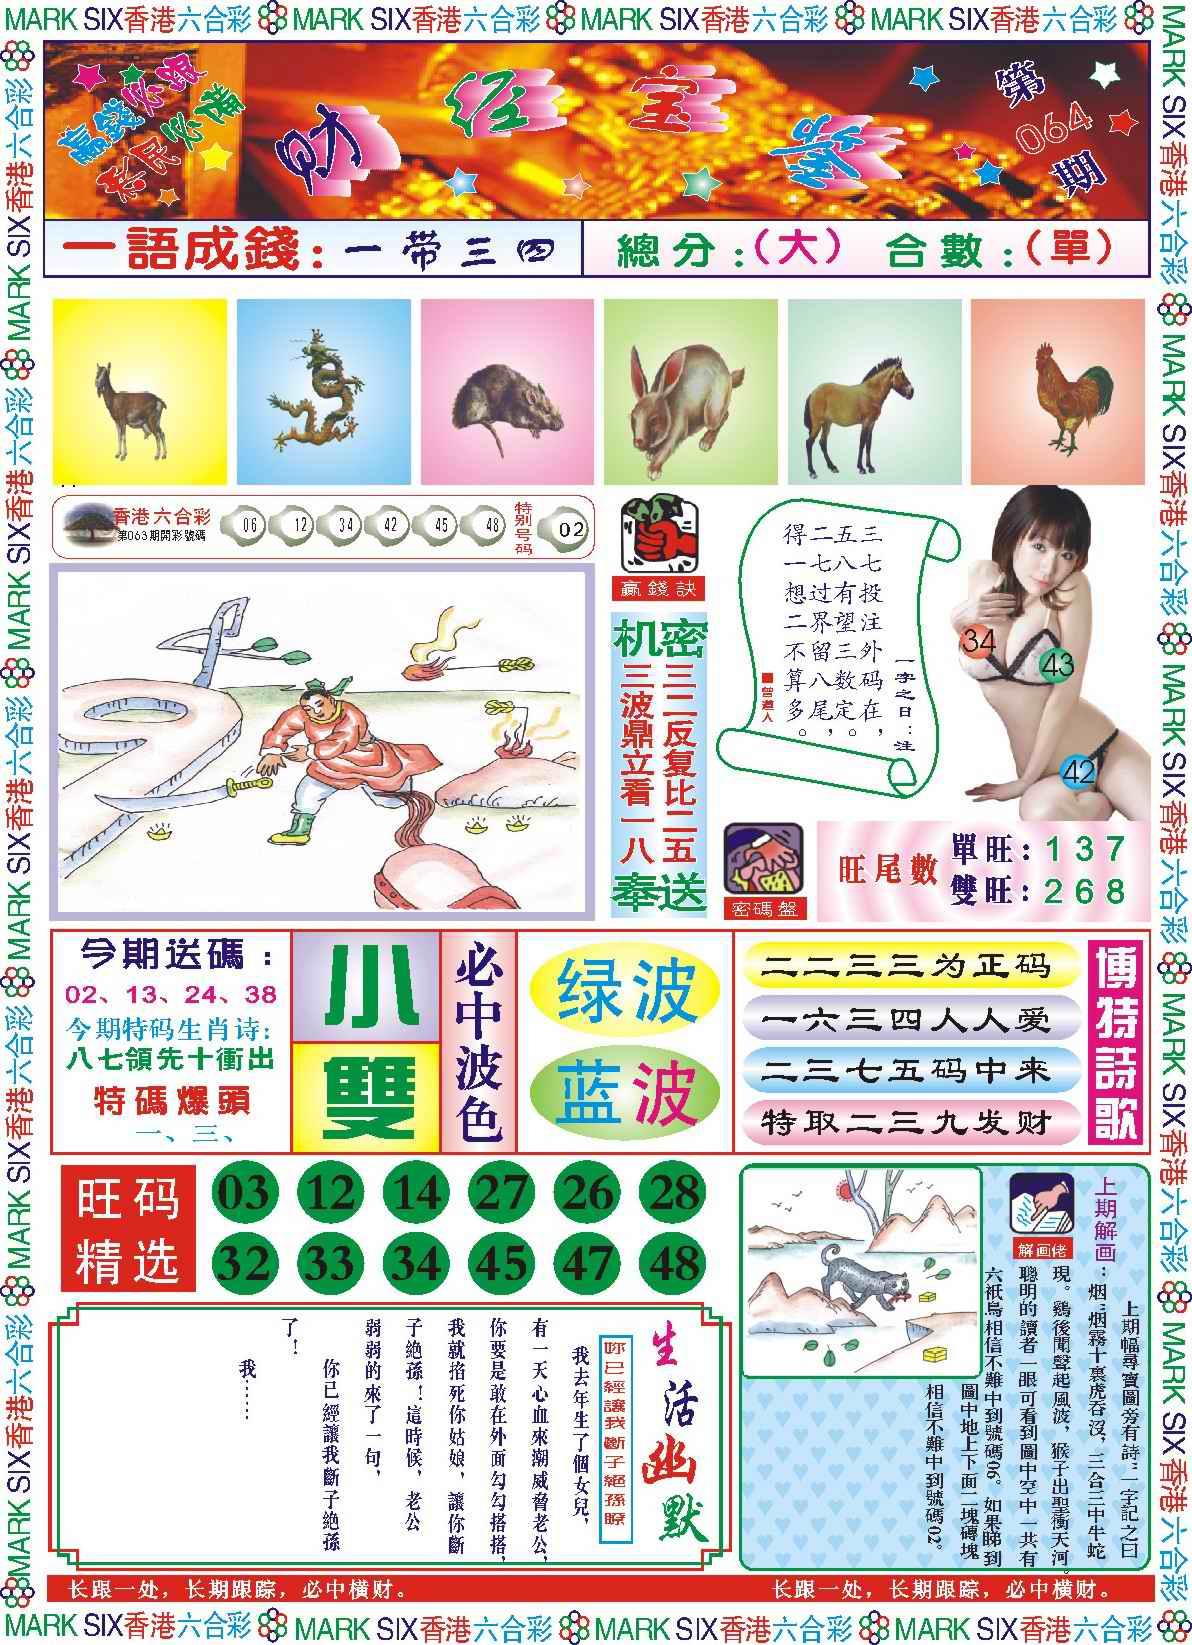 064期118财经宝鉴(新图)